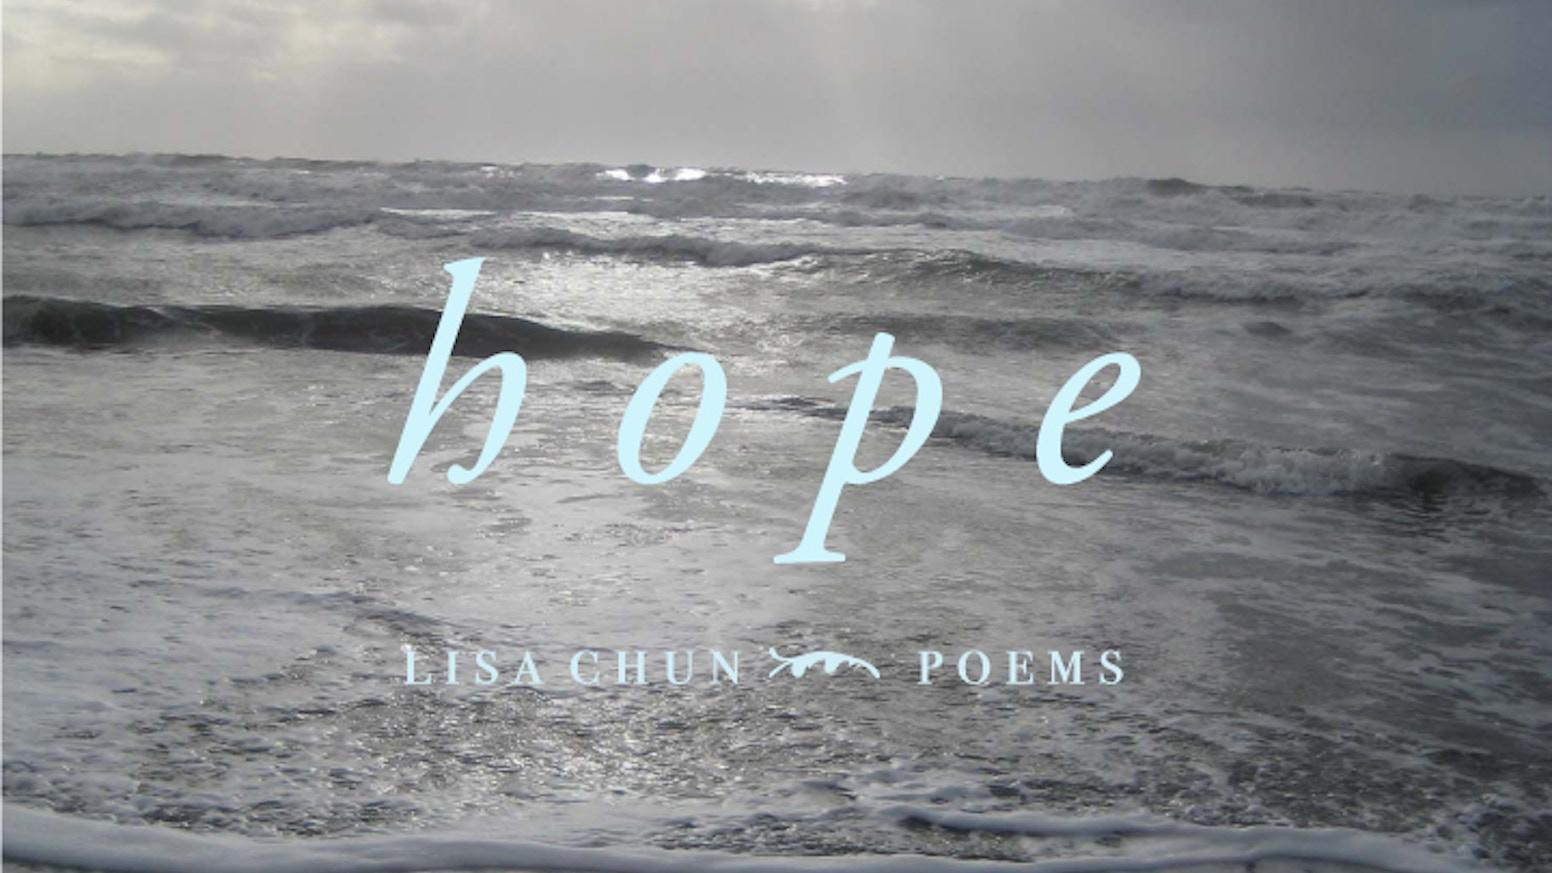 What is hope poem